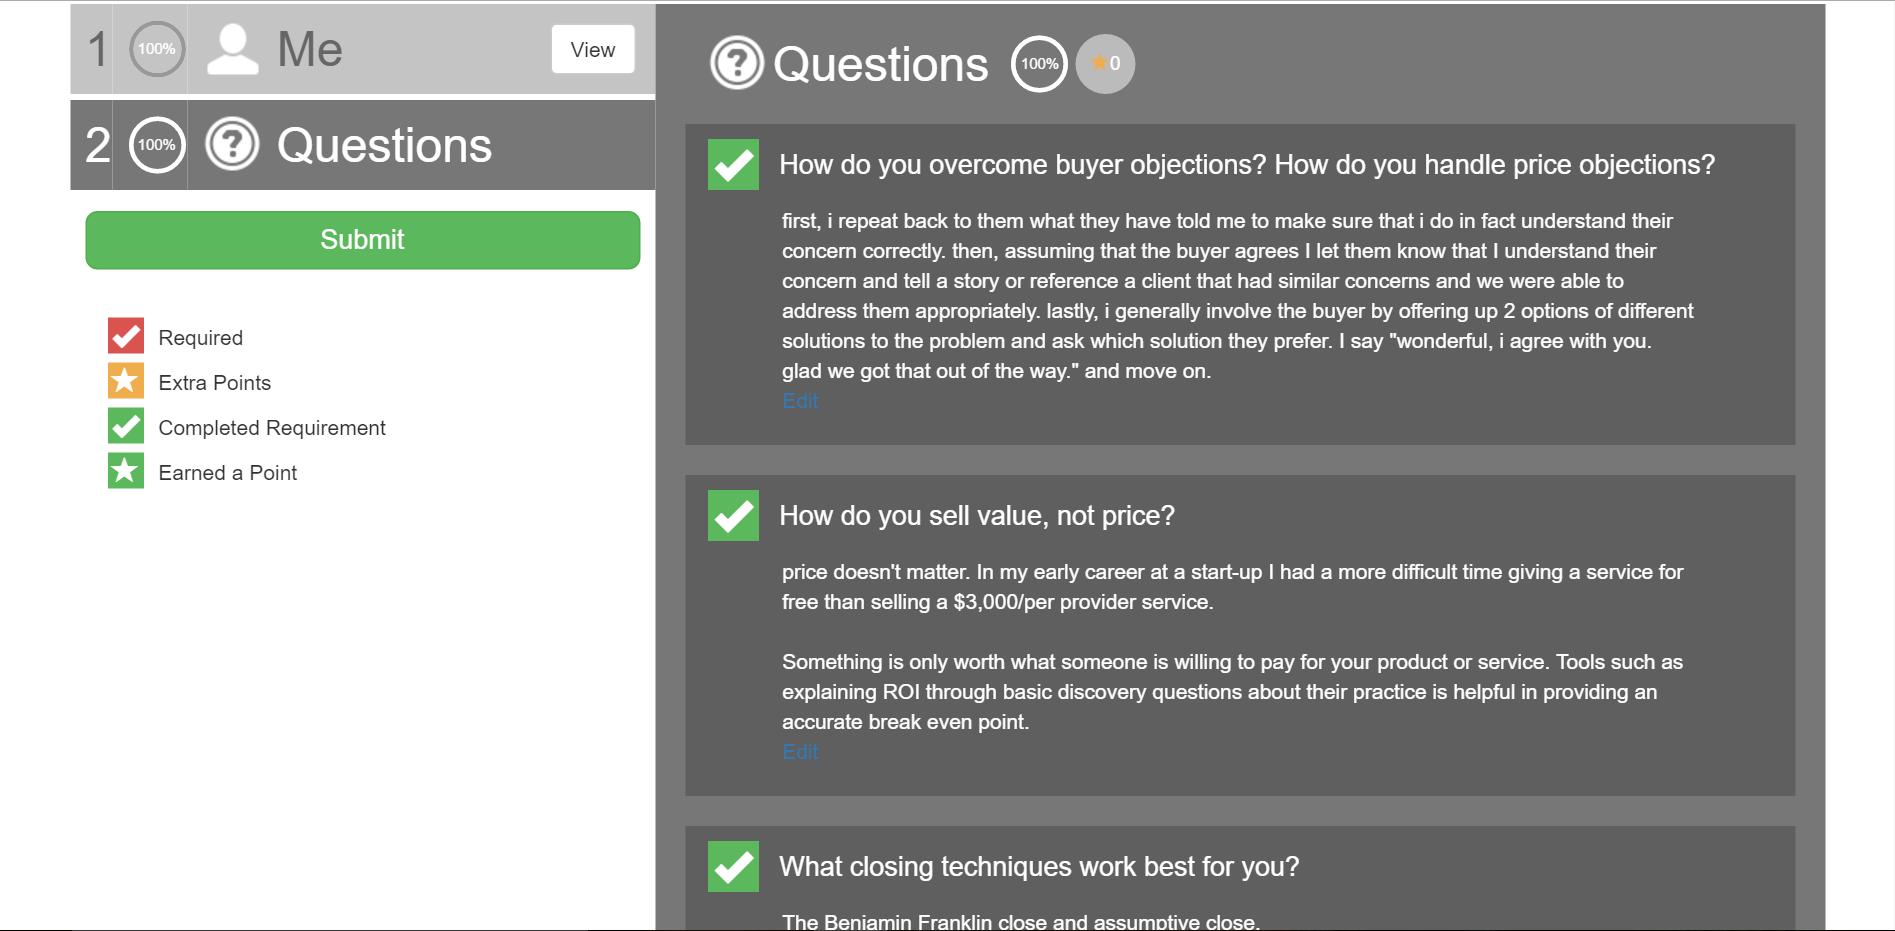 Applicant questions